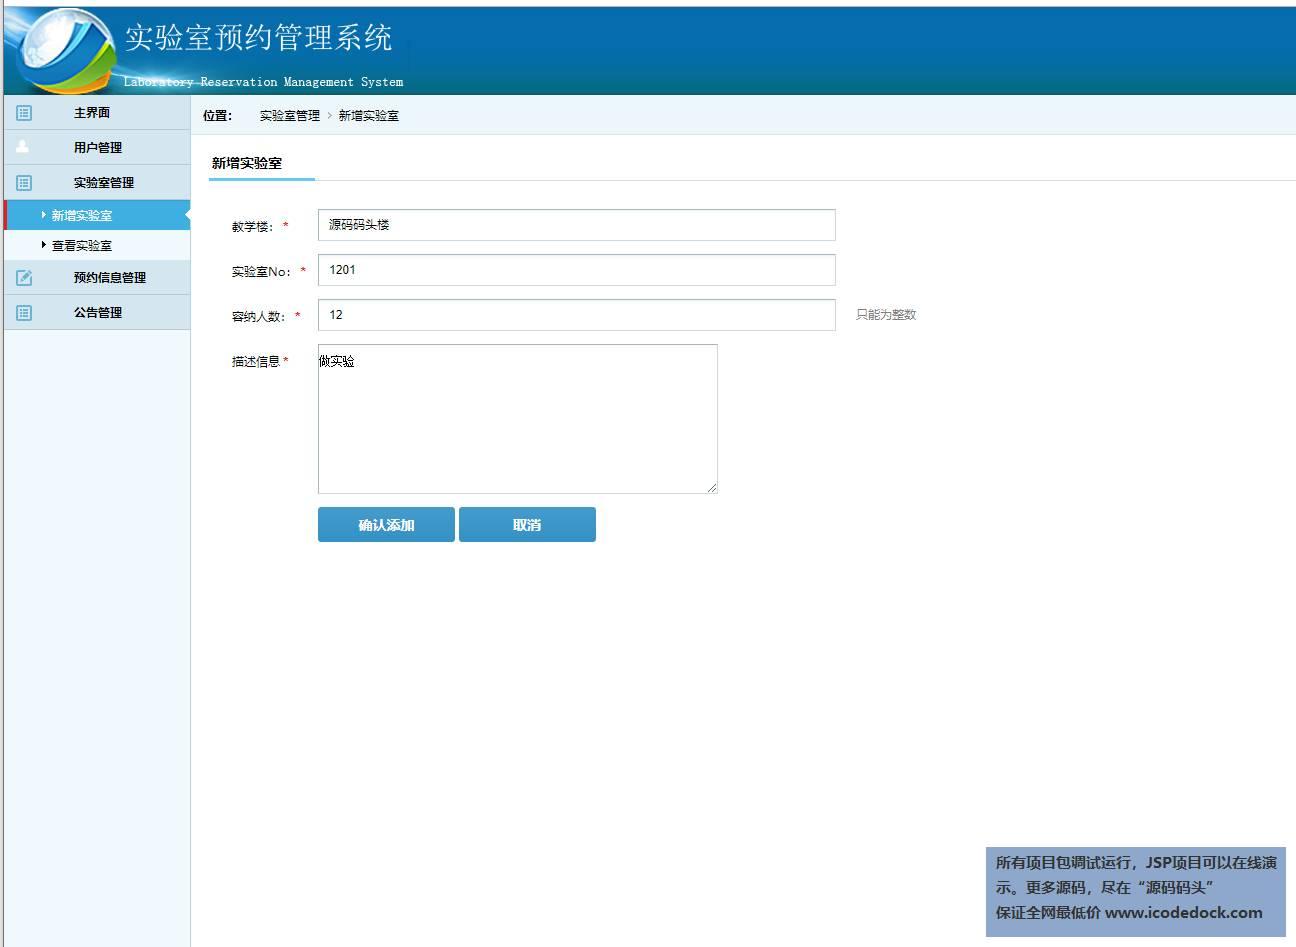 源码码头-SSH实验室预约管理系统-管理员角色-添加实验室